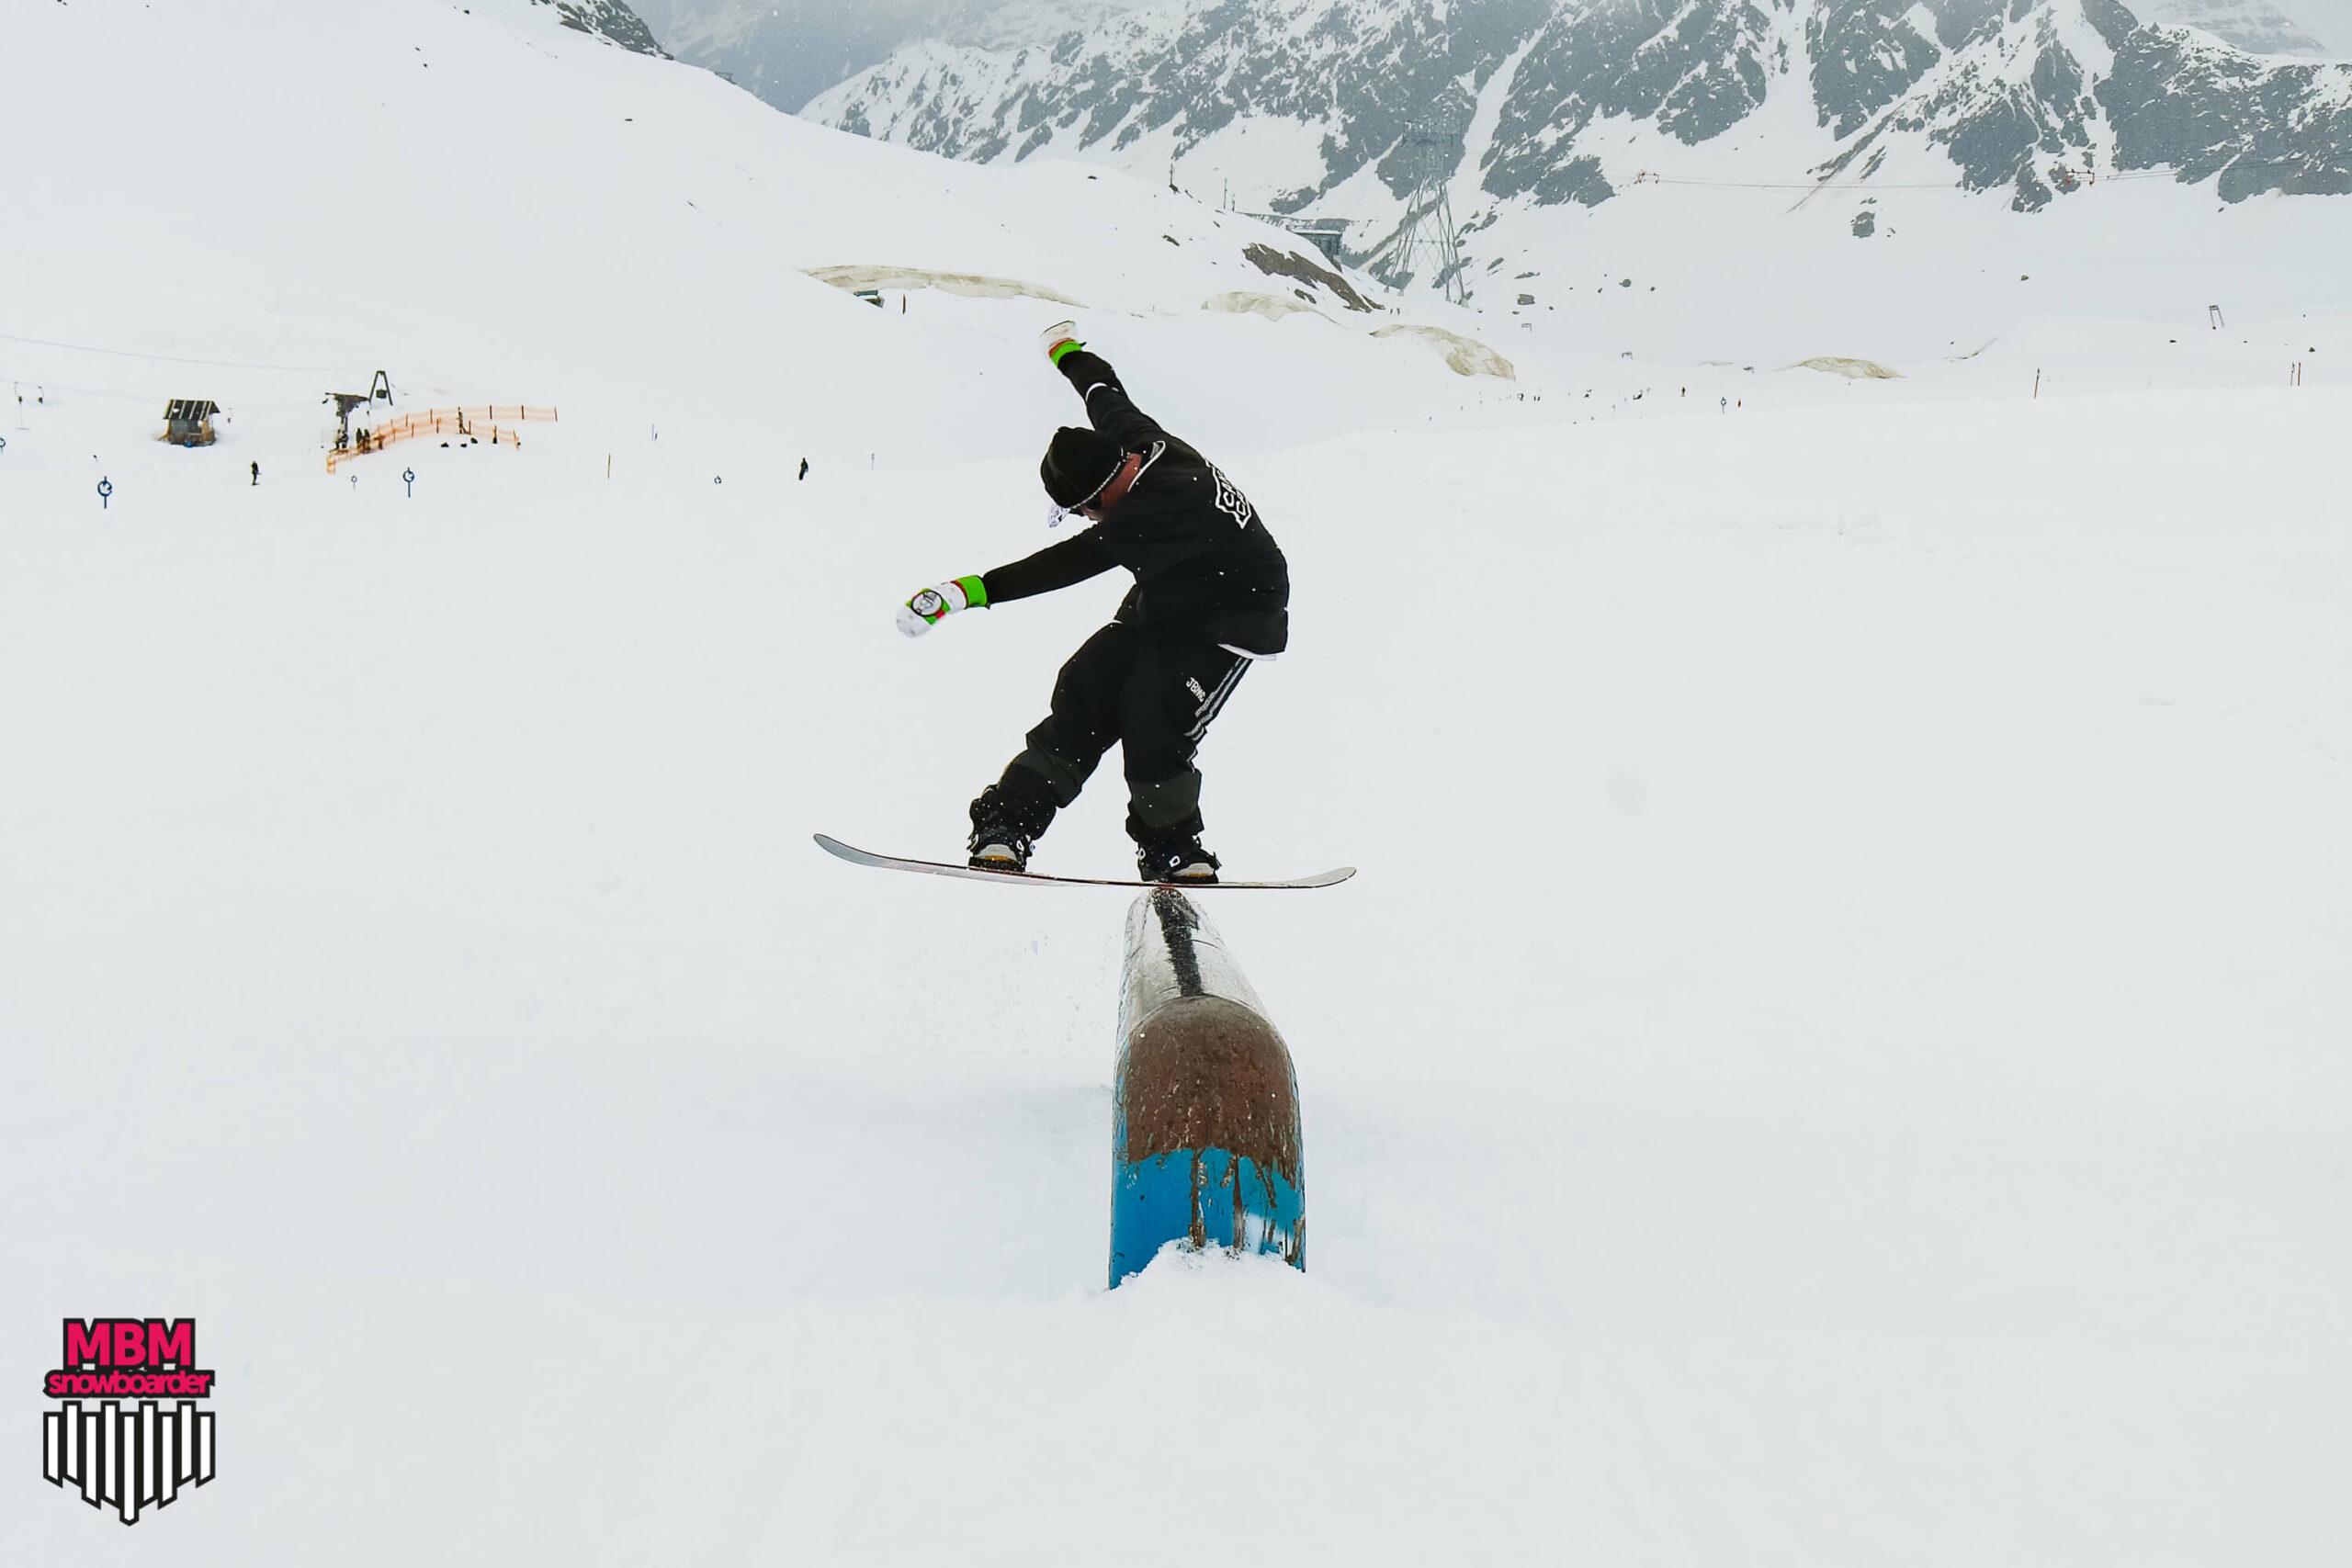 snowboarderMBM_sd_kaunertal_124